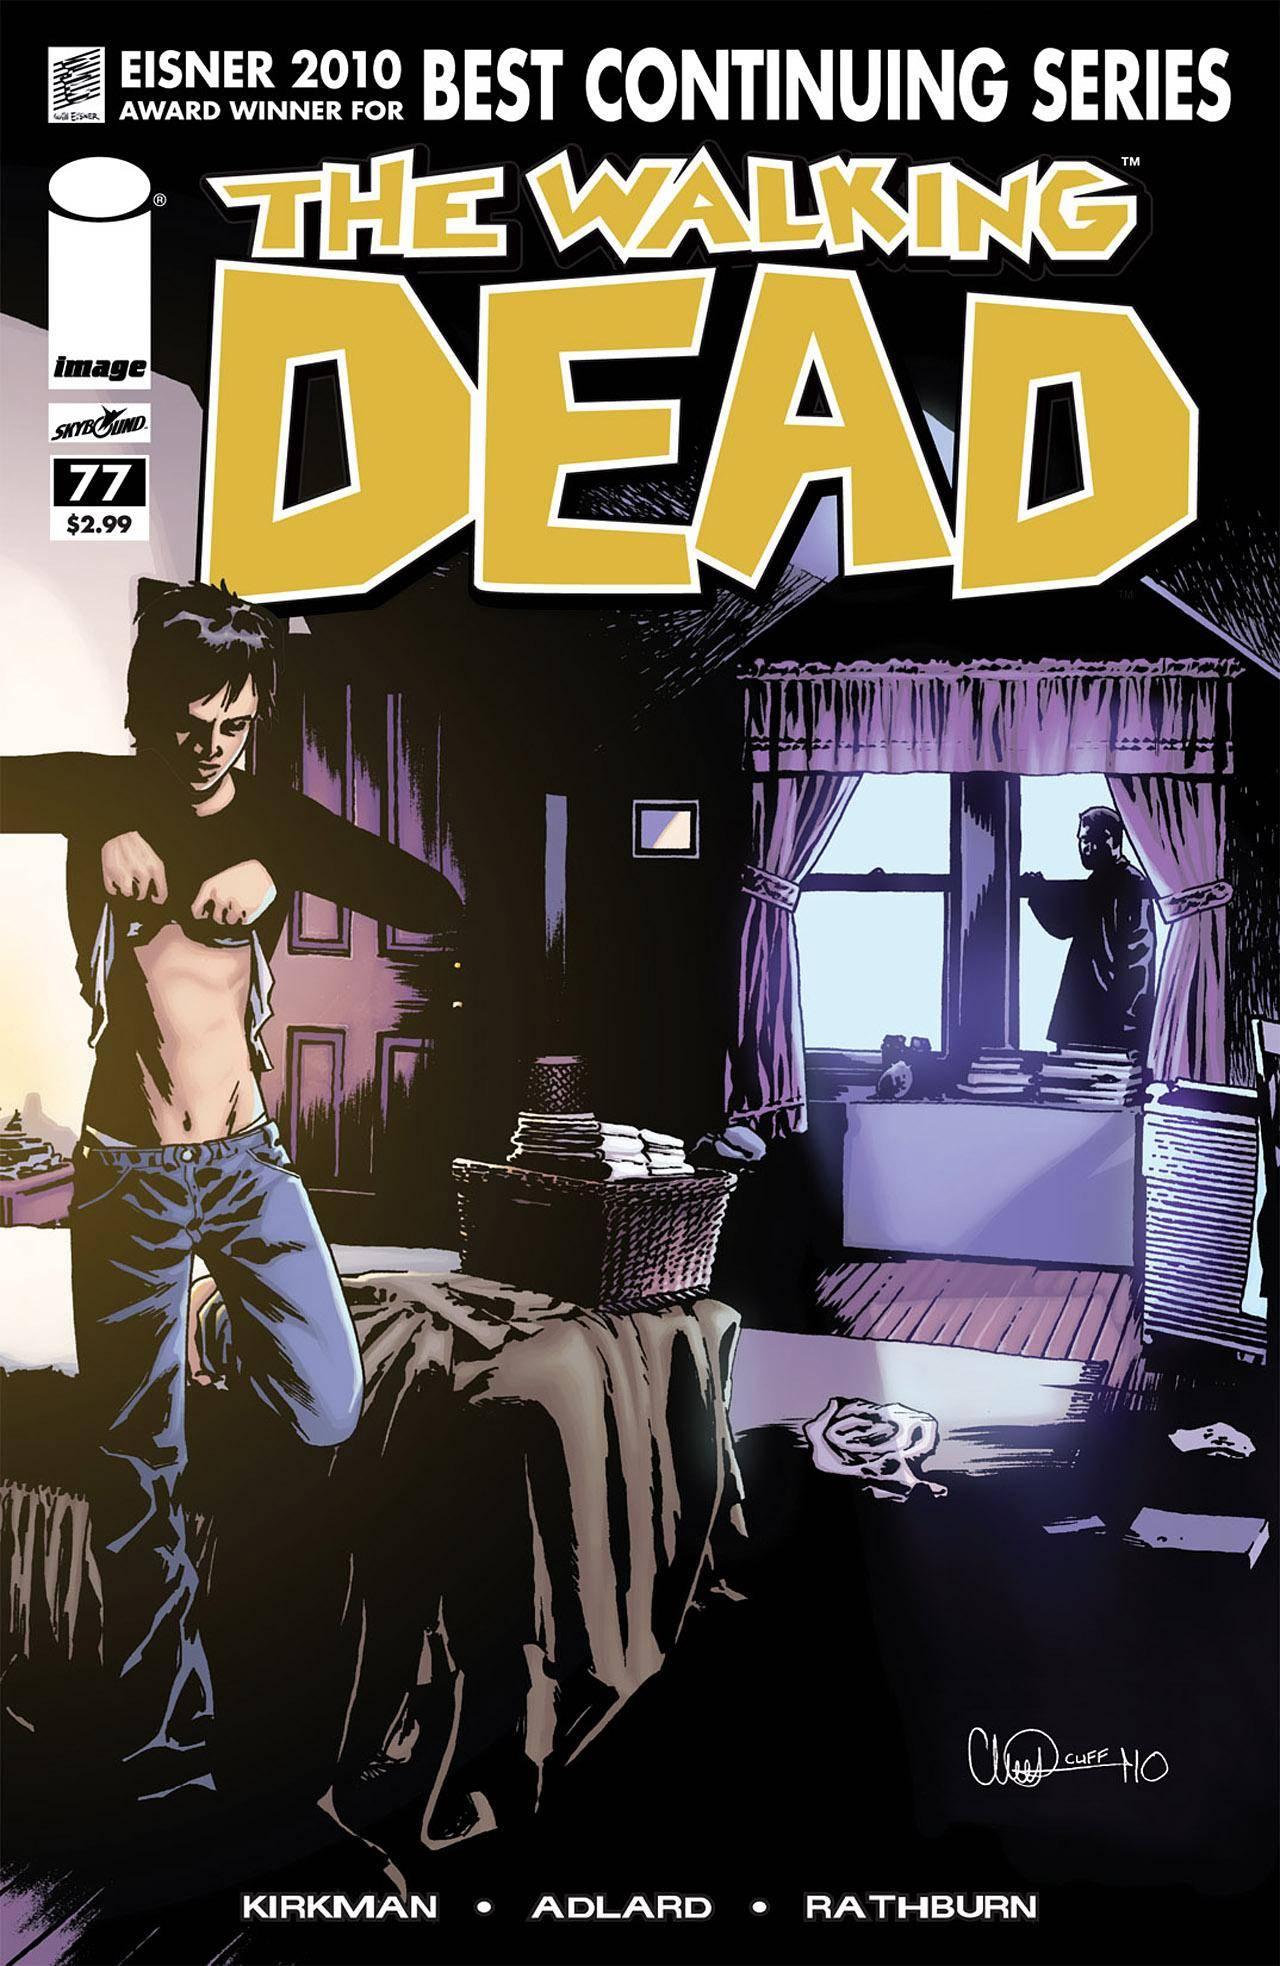 Walking Dead 077 2010 digital